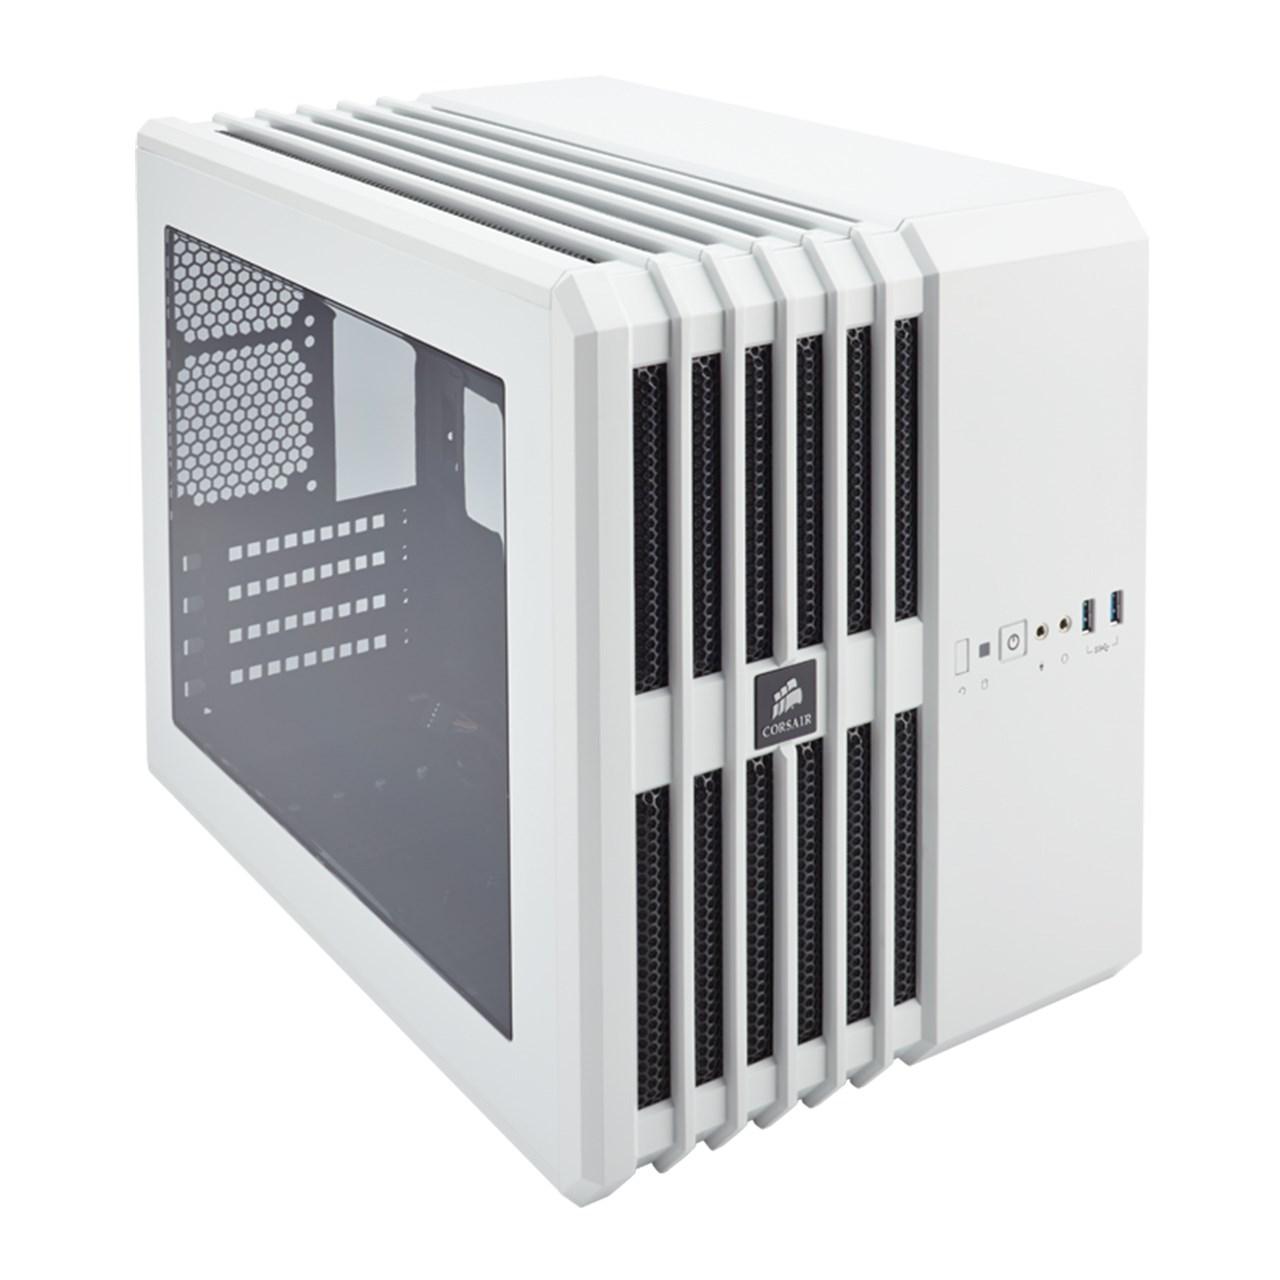 کیس کامپیوتر کورسیر سری کاربید مدل Air240W